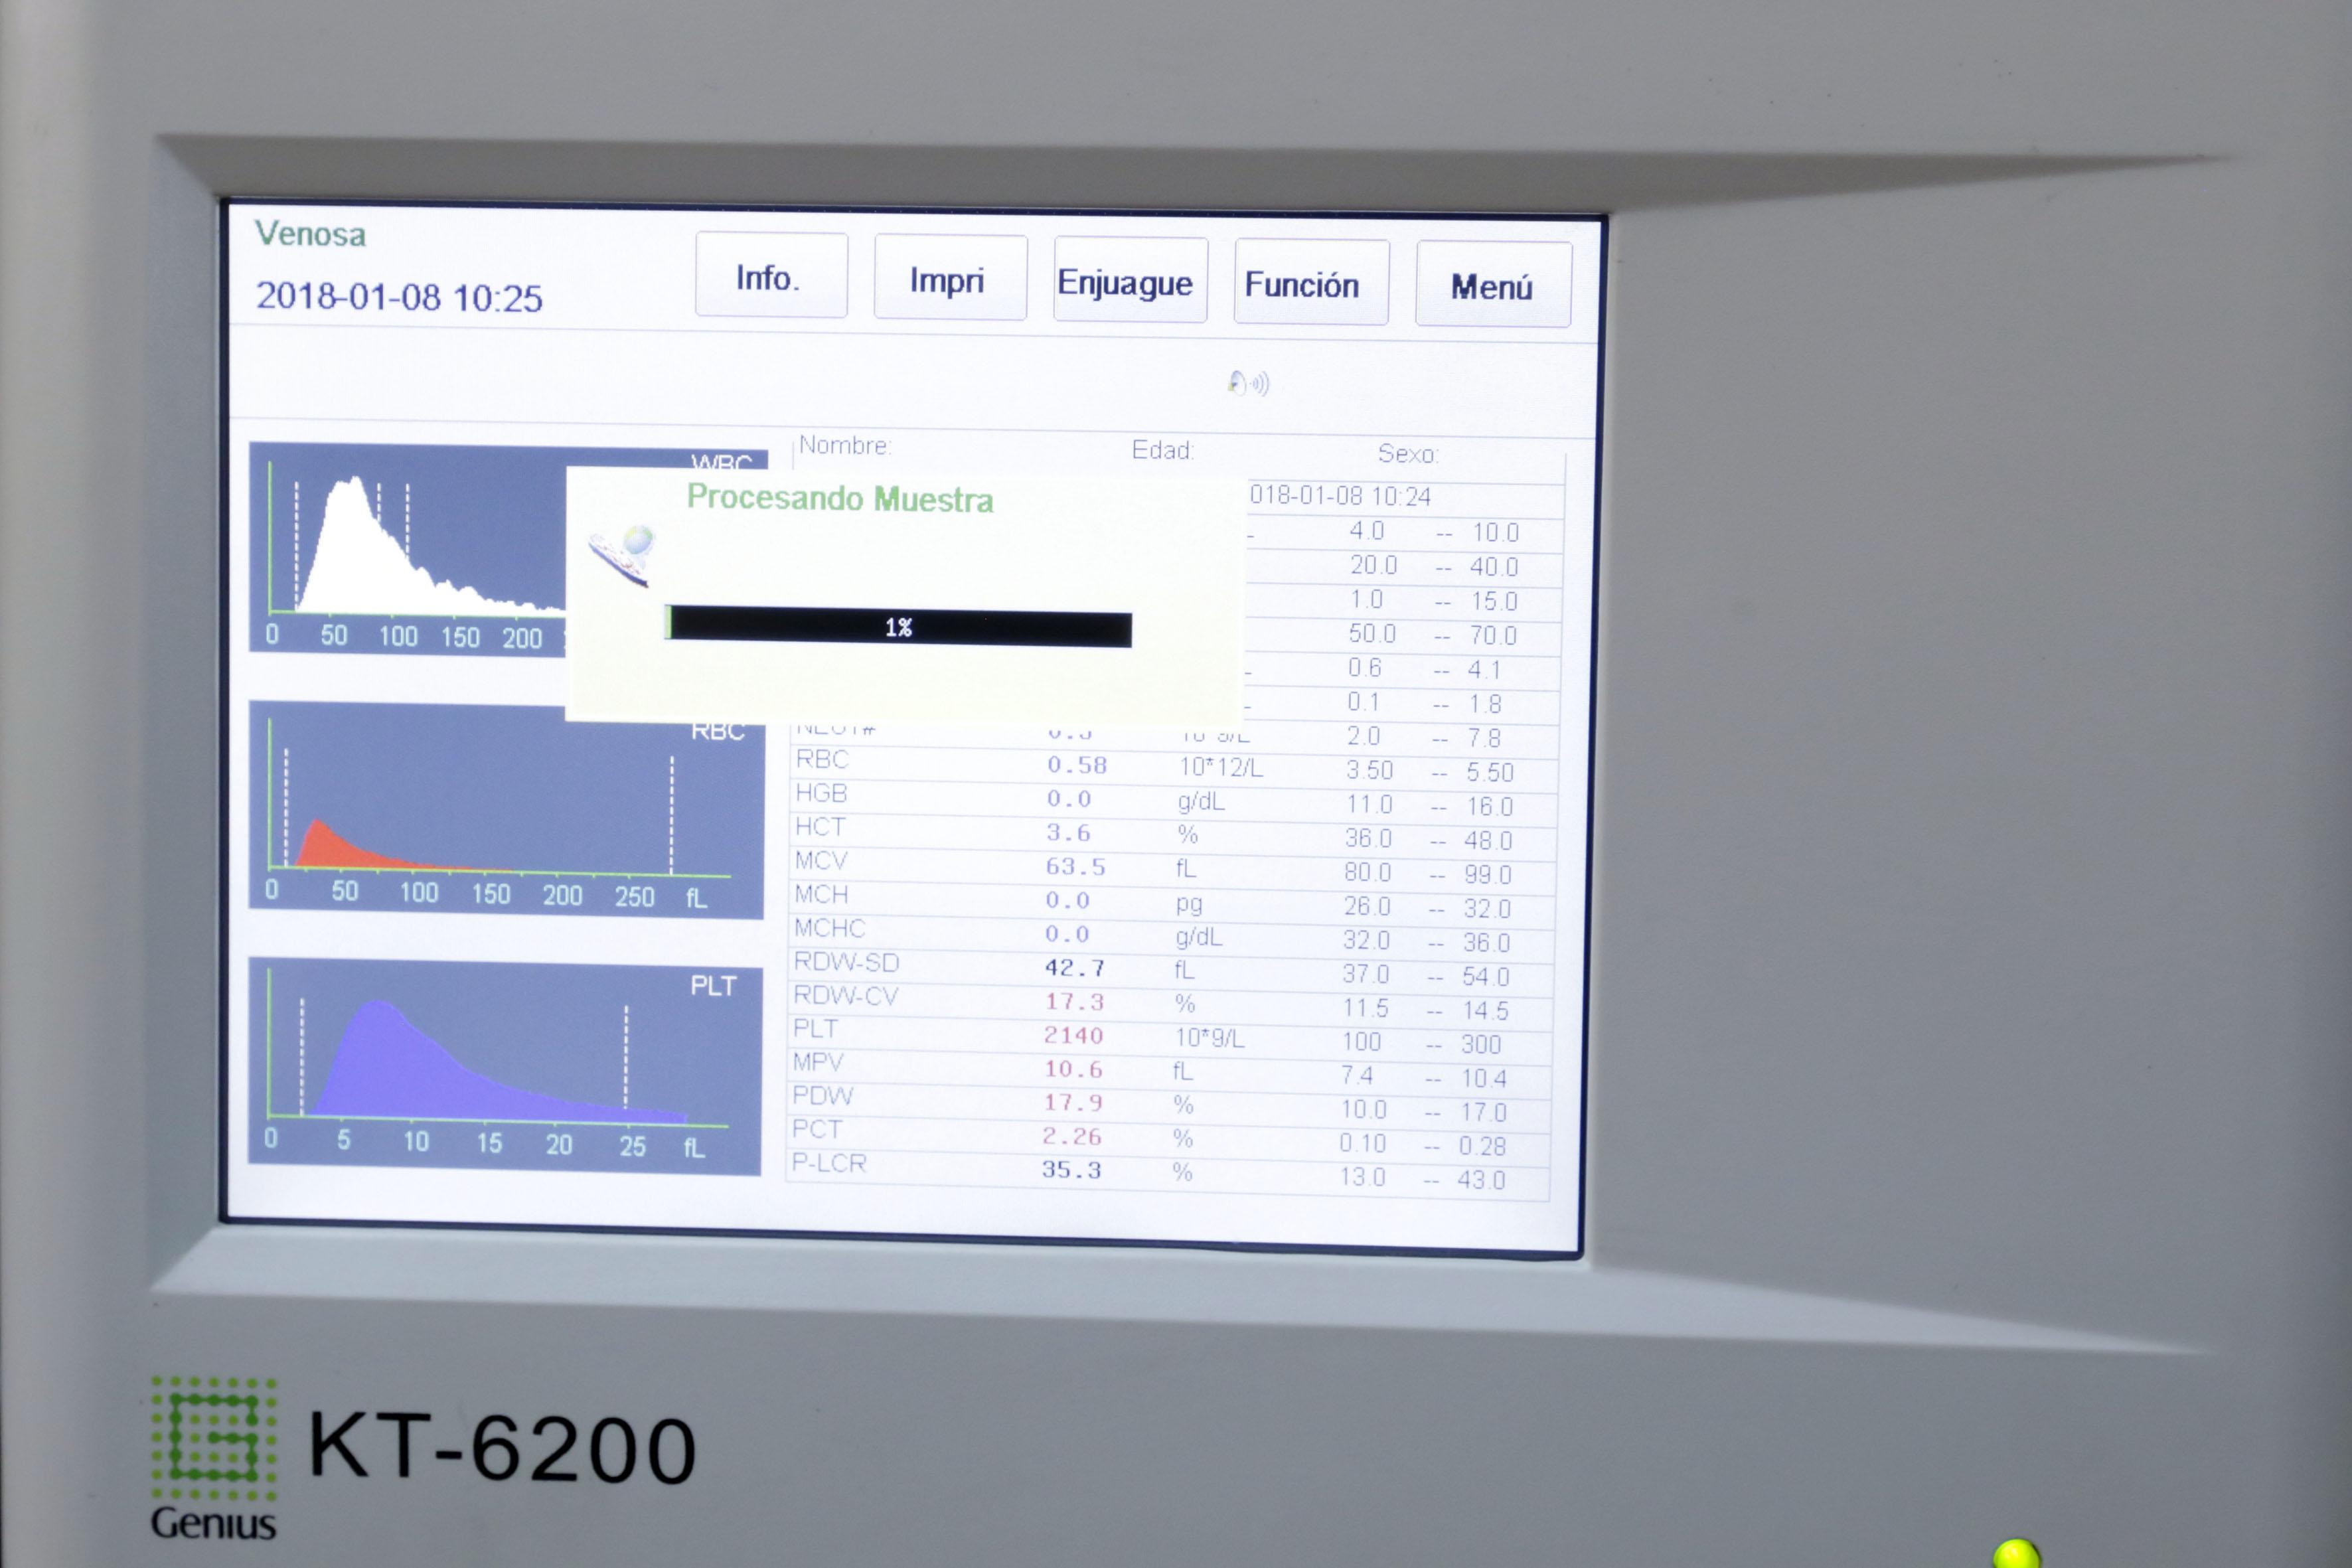 Datos de la investigación en el monitor de la computadora